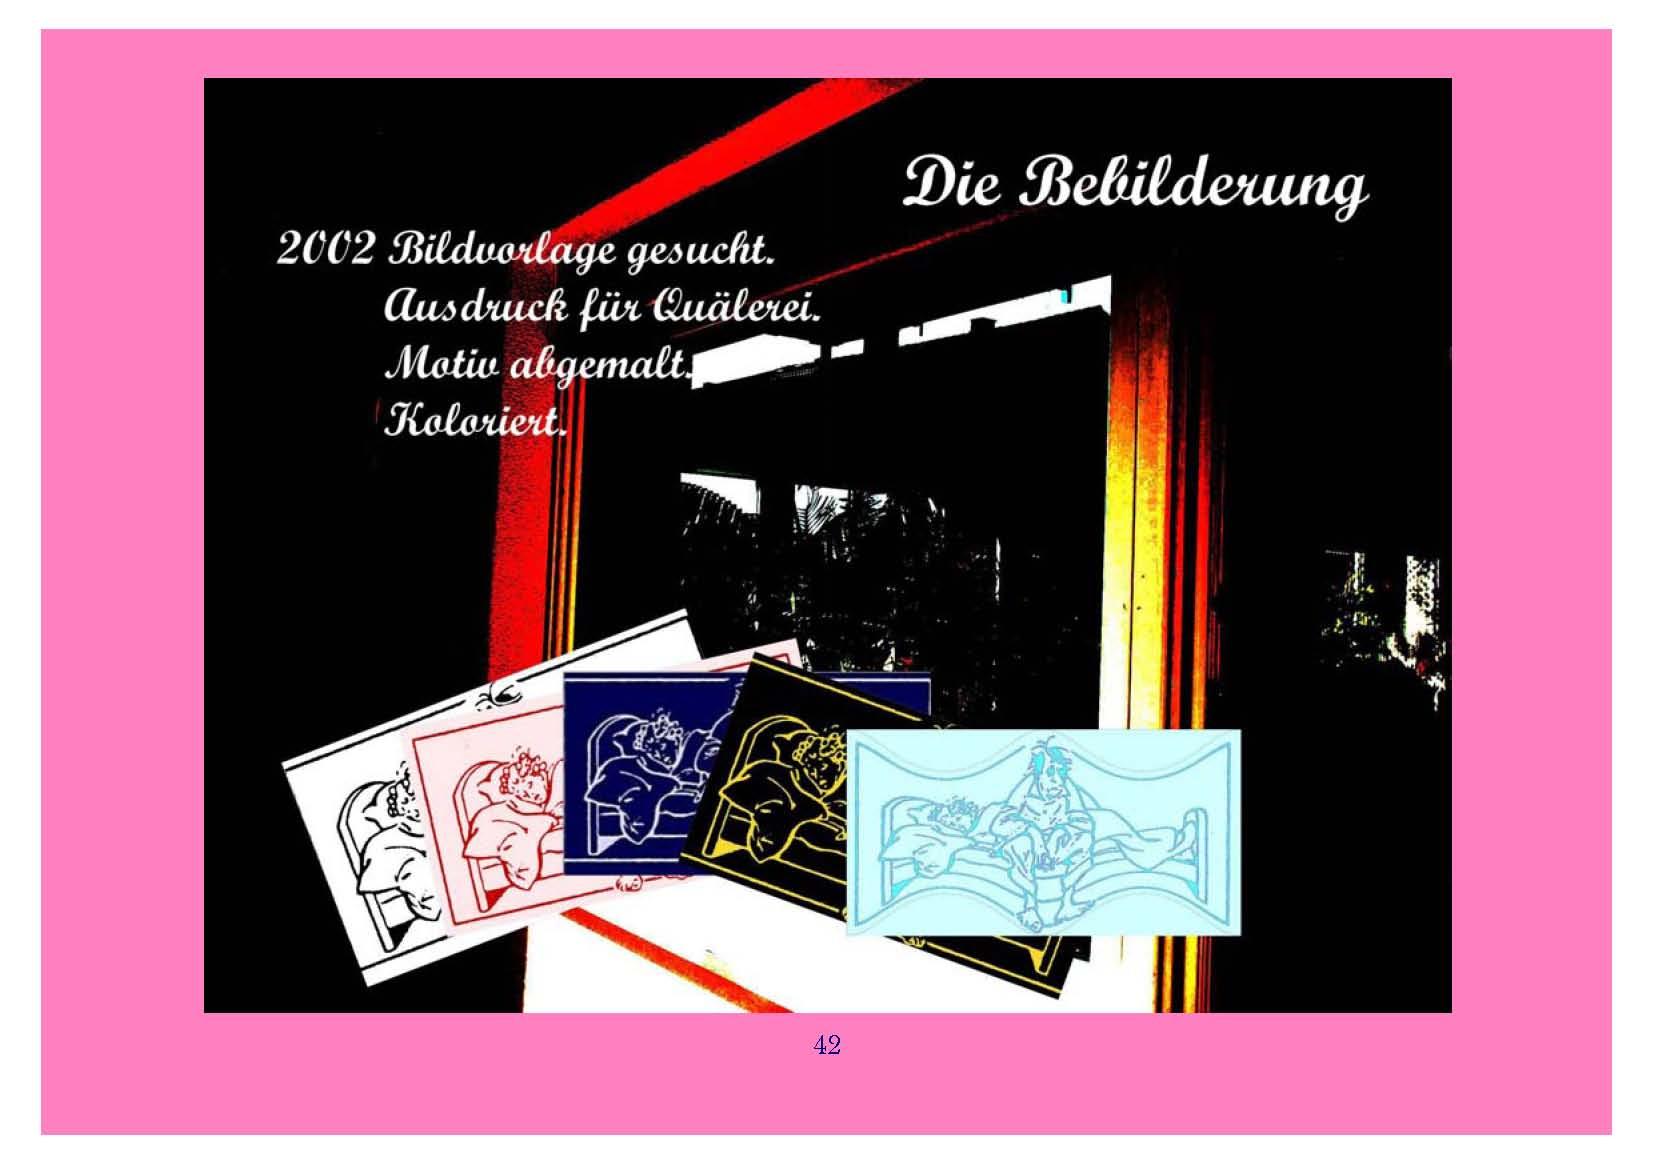 ™Gigabuch-Bibliothek/iAutobiographie Band 7/Bild 0404